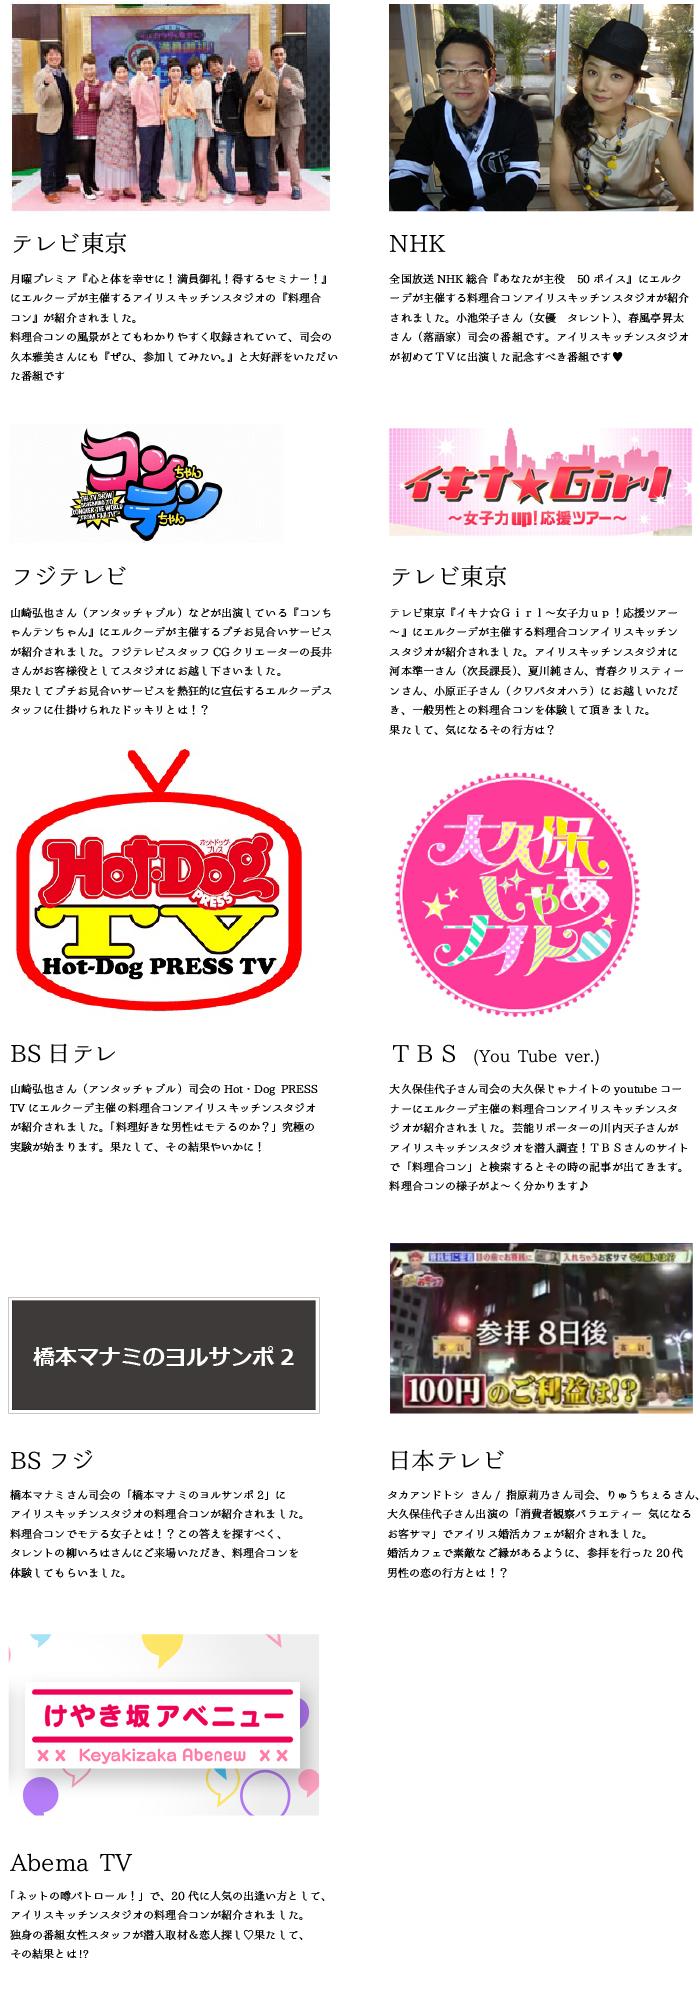 フジテレビ、テレビ東京、NHK、日本テレビ、BSフジ、BS日テレ、abema TVなどに取り上げられました。